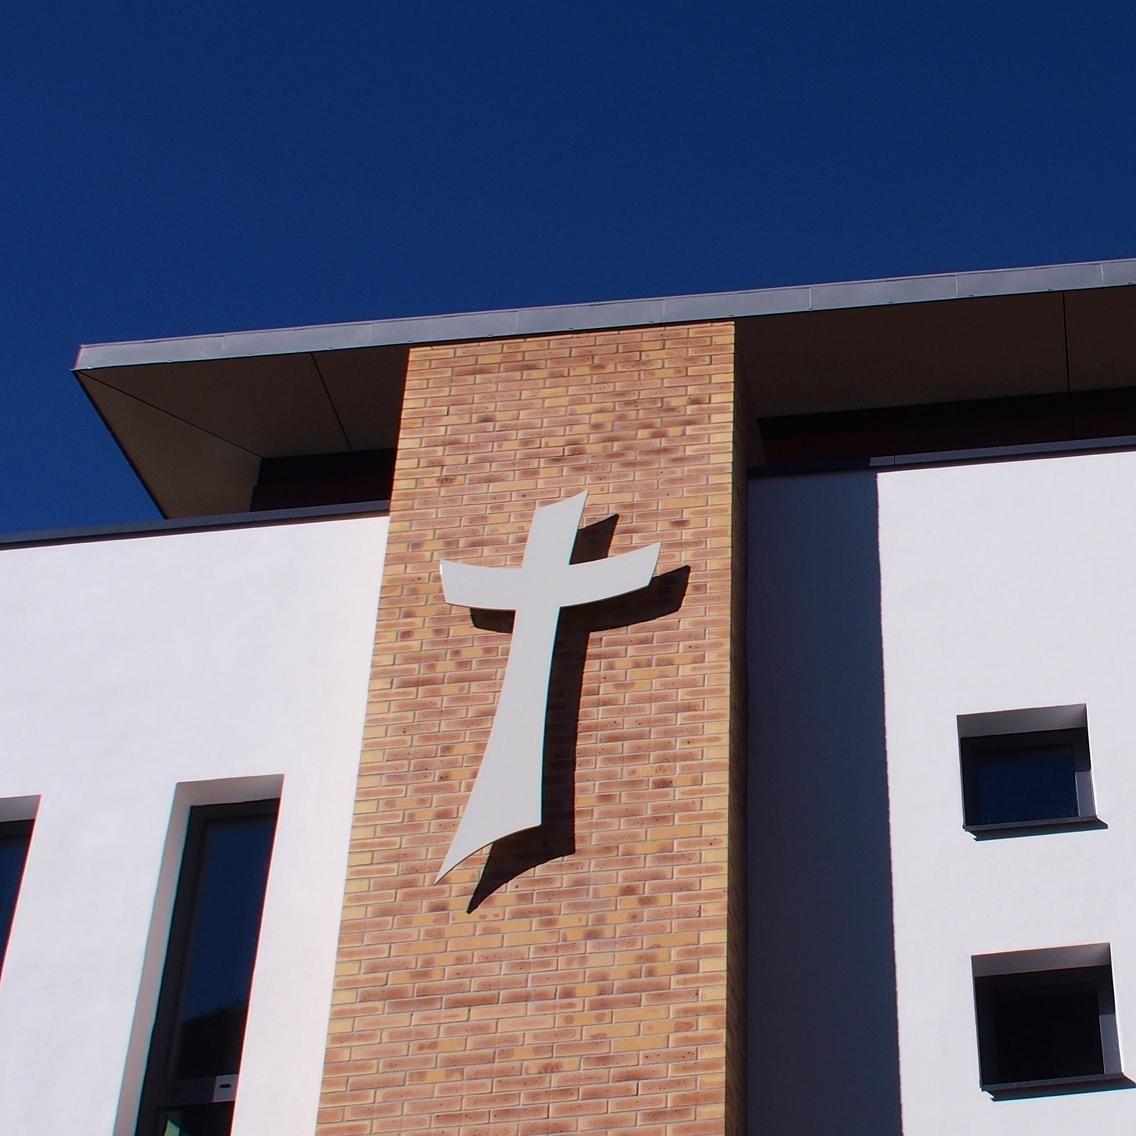 Conférence débat avec Véronique Margron sur les abus sexuels dans l'église de France